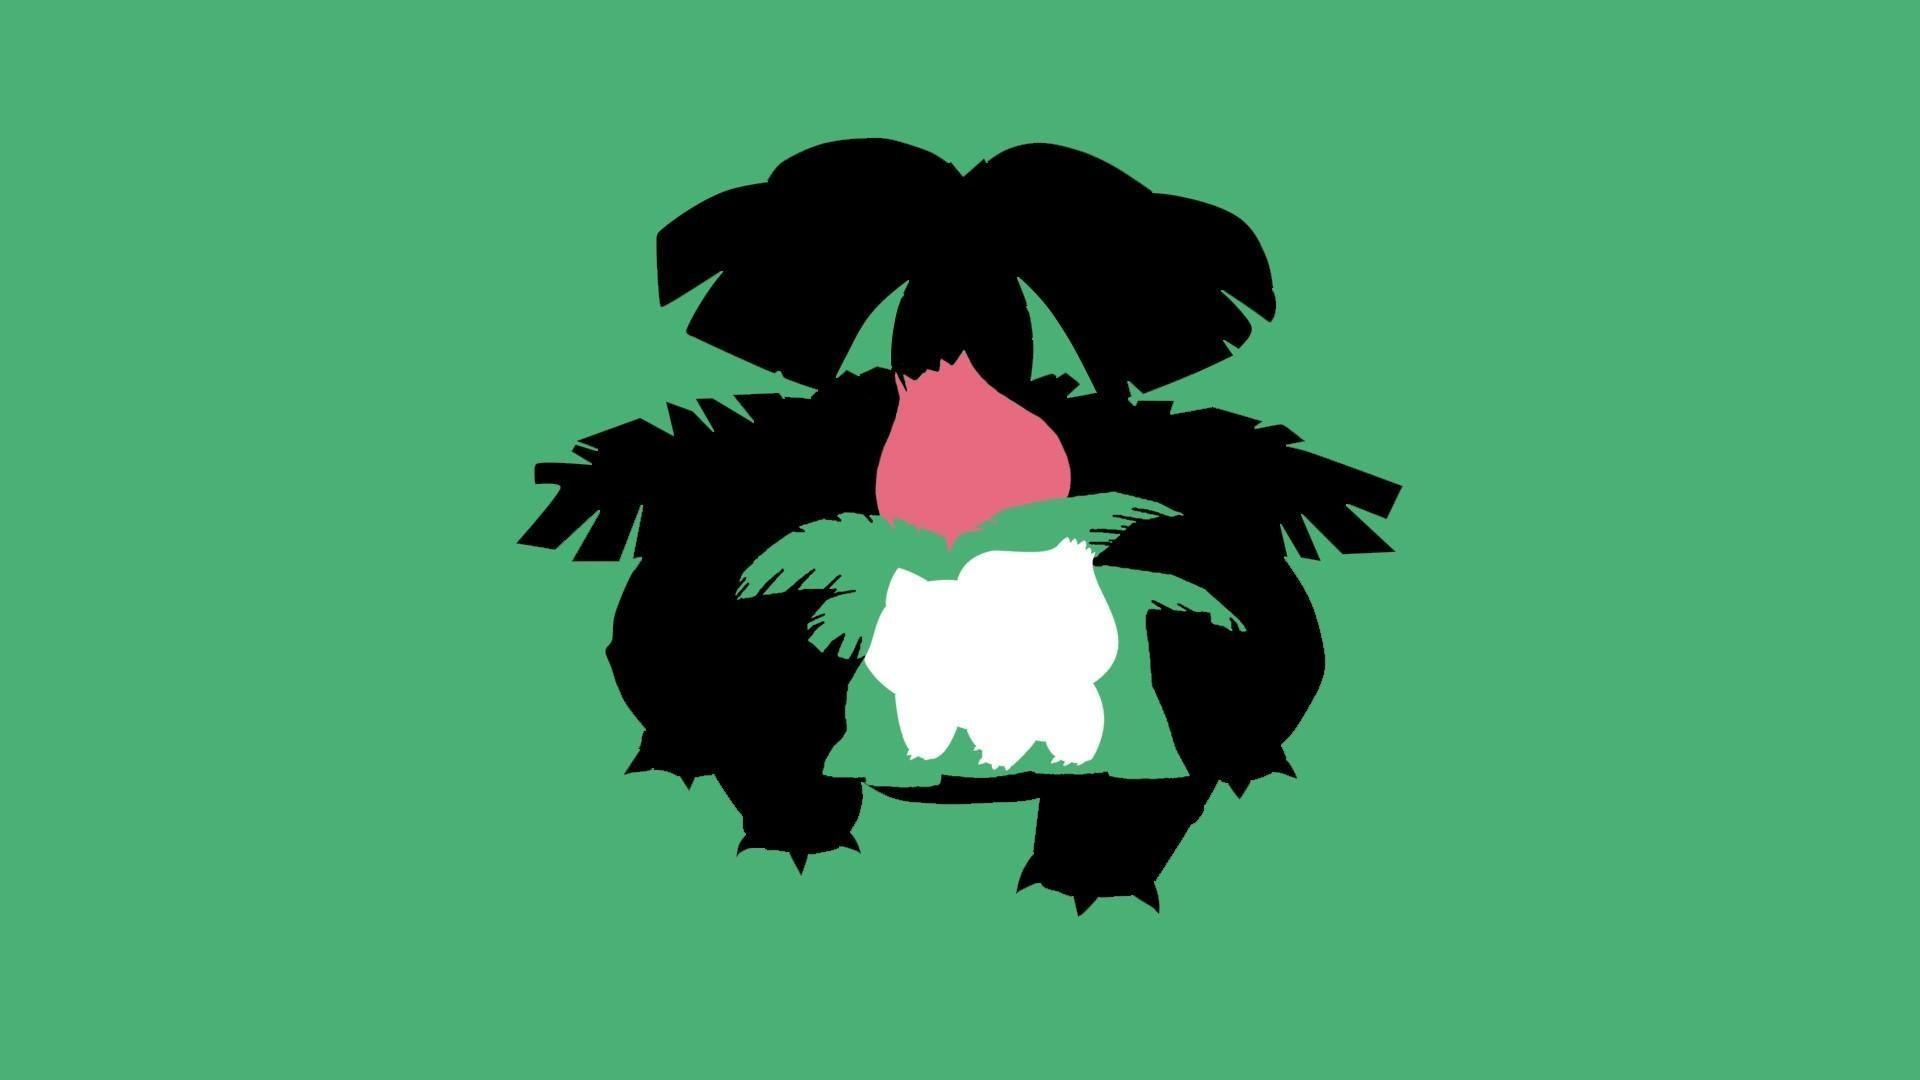 Bulbasaur Wallpapers Top Free Bulbasaur Backgrounds